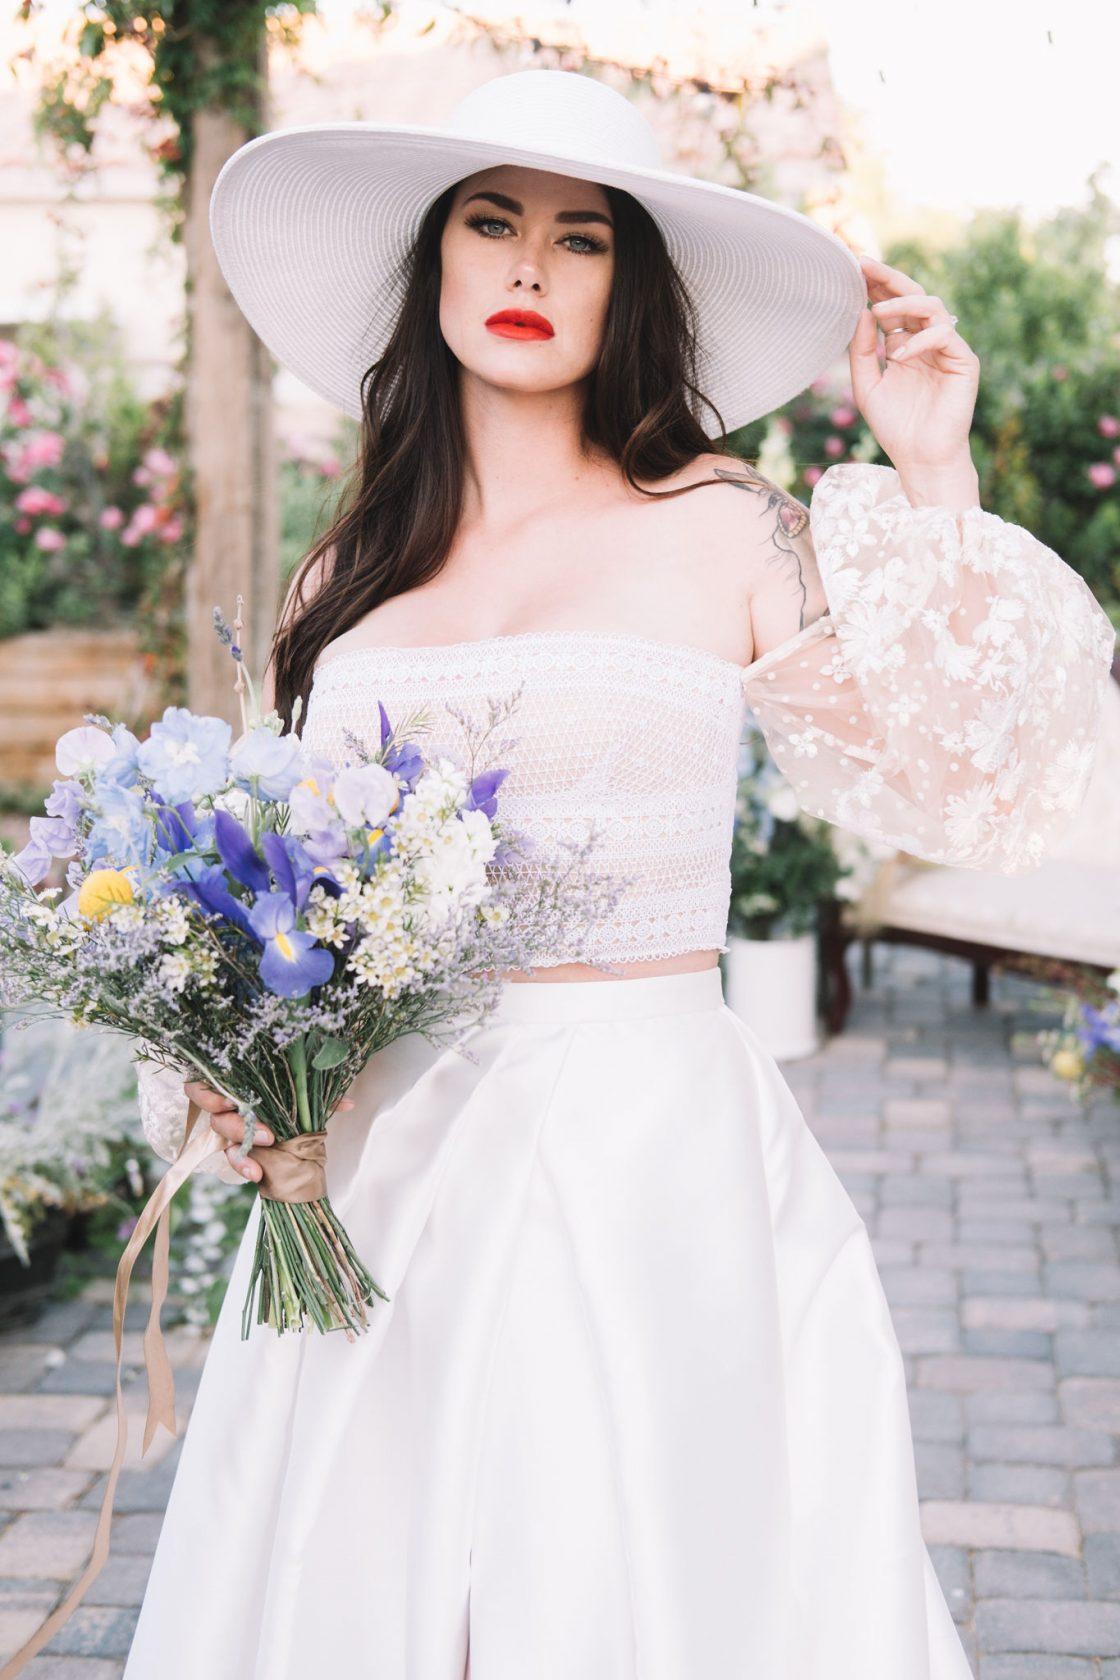 Chic Wedding Bride